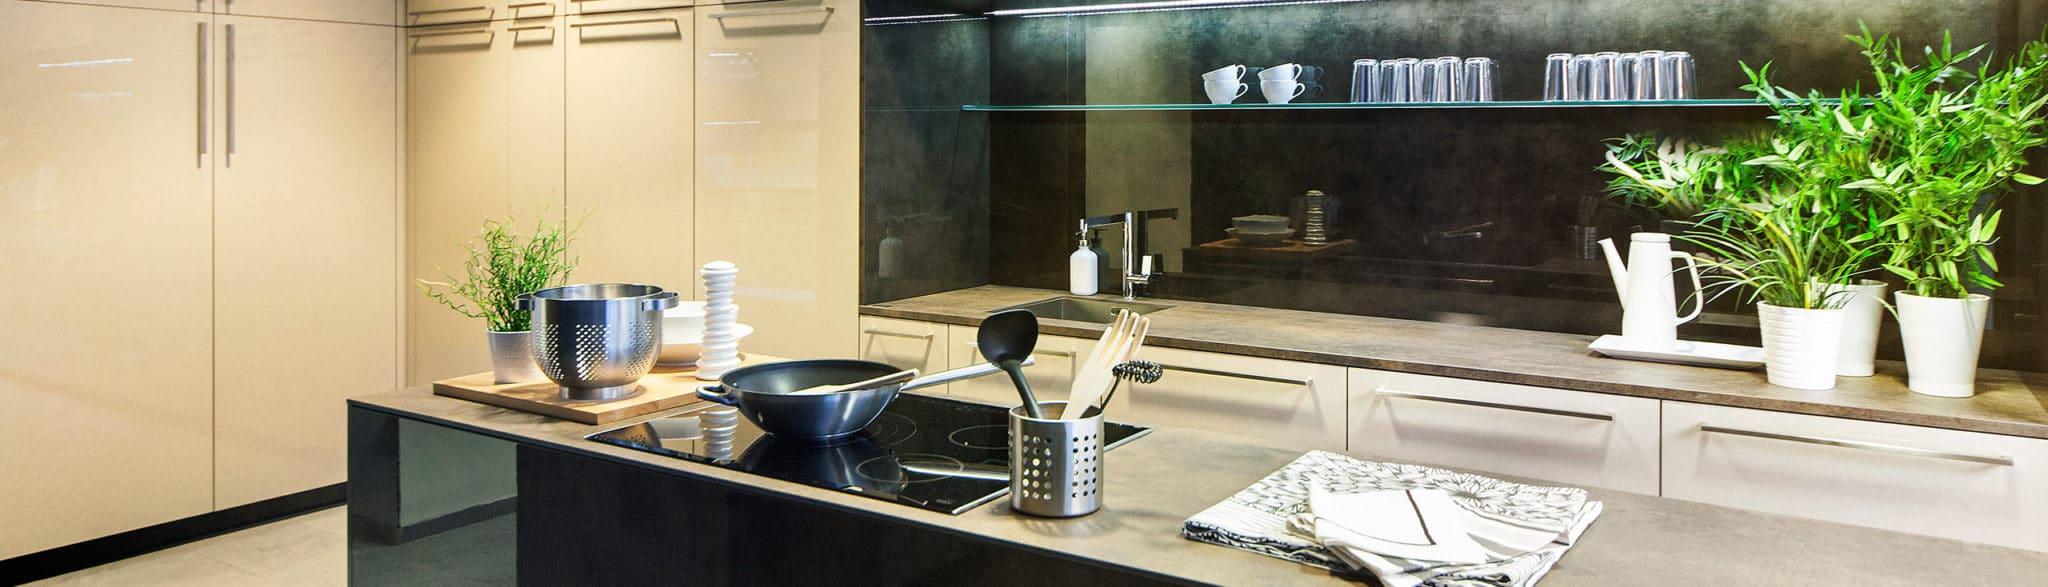 Cocina con isla  muebles de cocina en Madrid